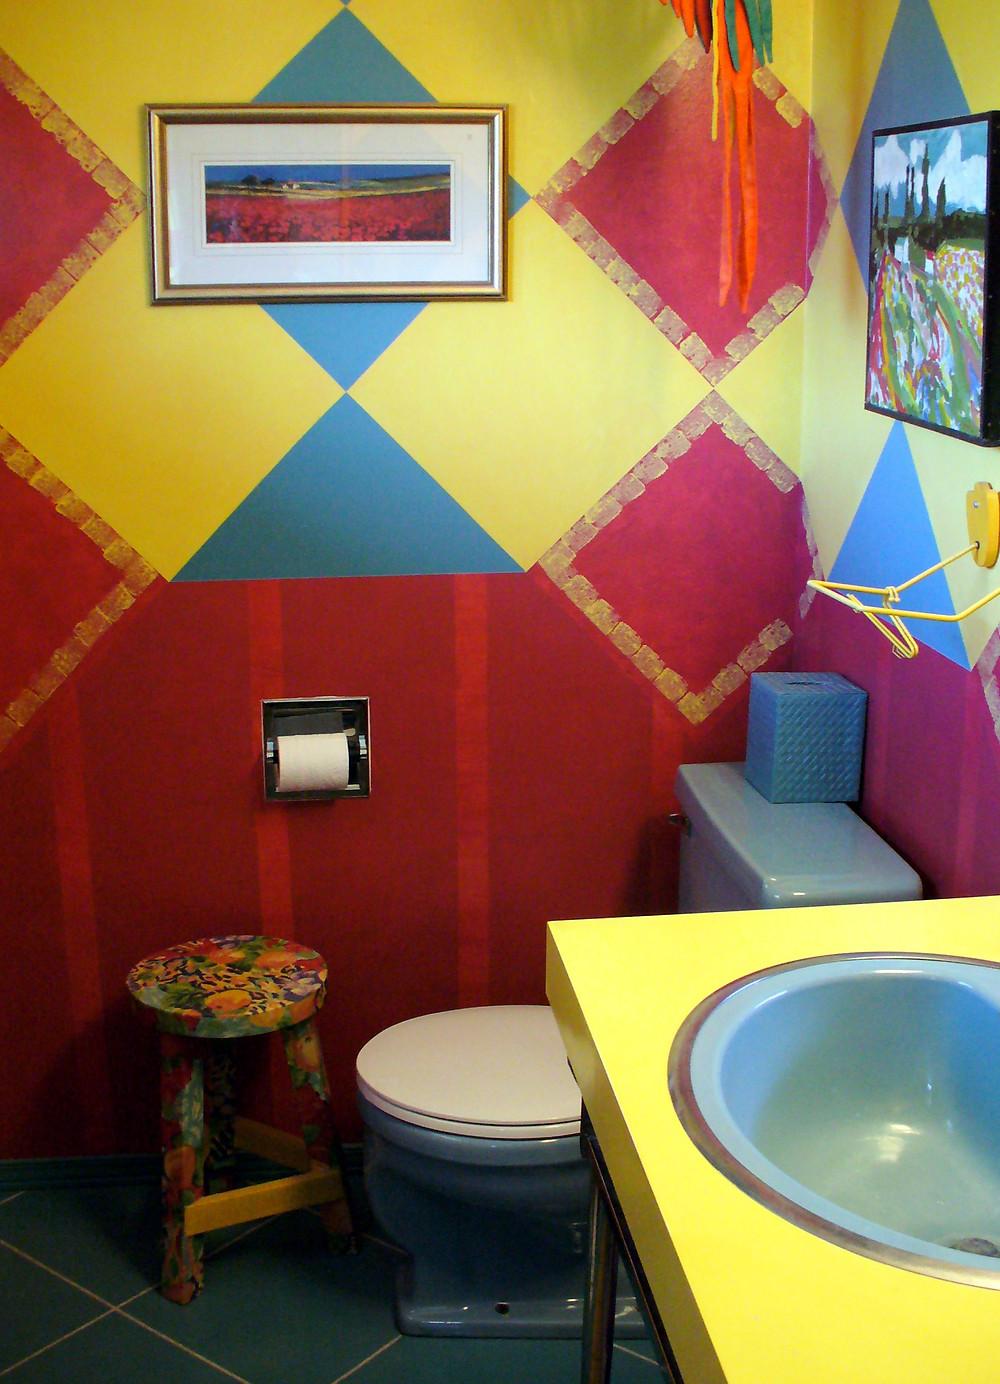 Seafoam bathroom - Copy.jpg